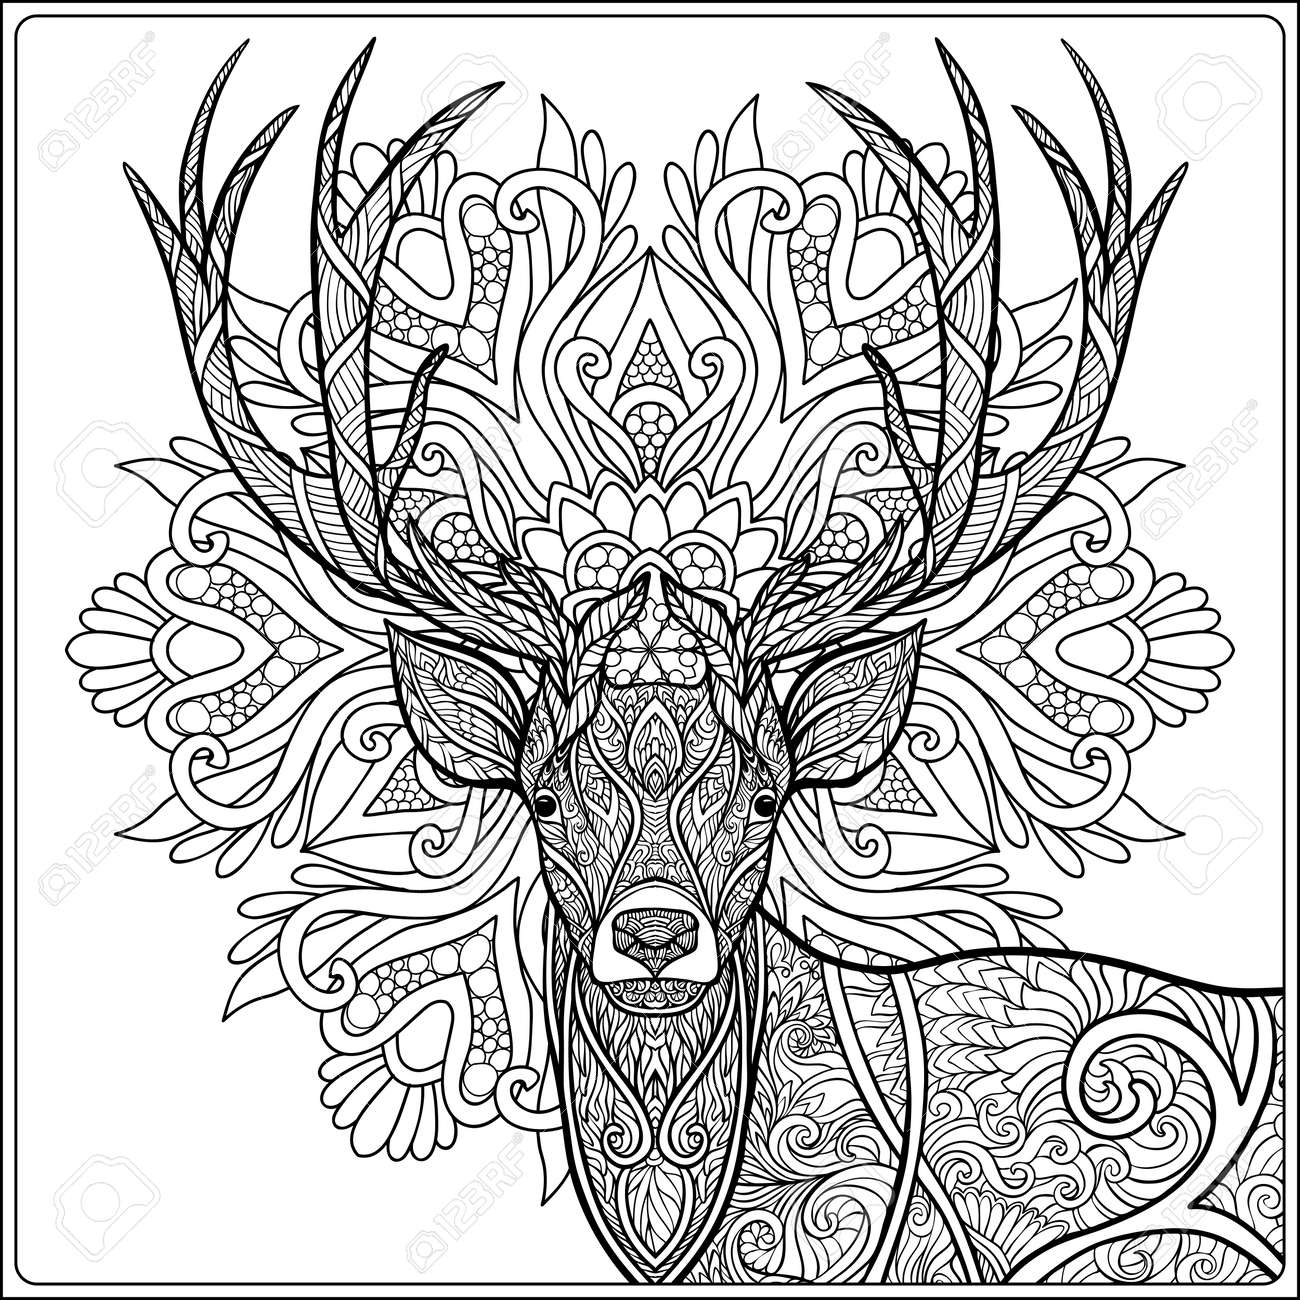 Malvorlage Mit Hirsch Om Mandala Hintergrund Malbuch Für Erwachsene